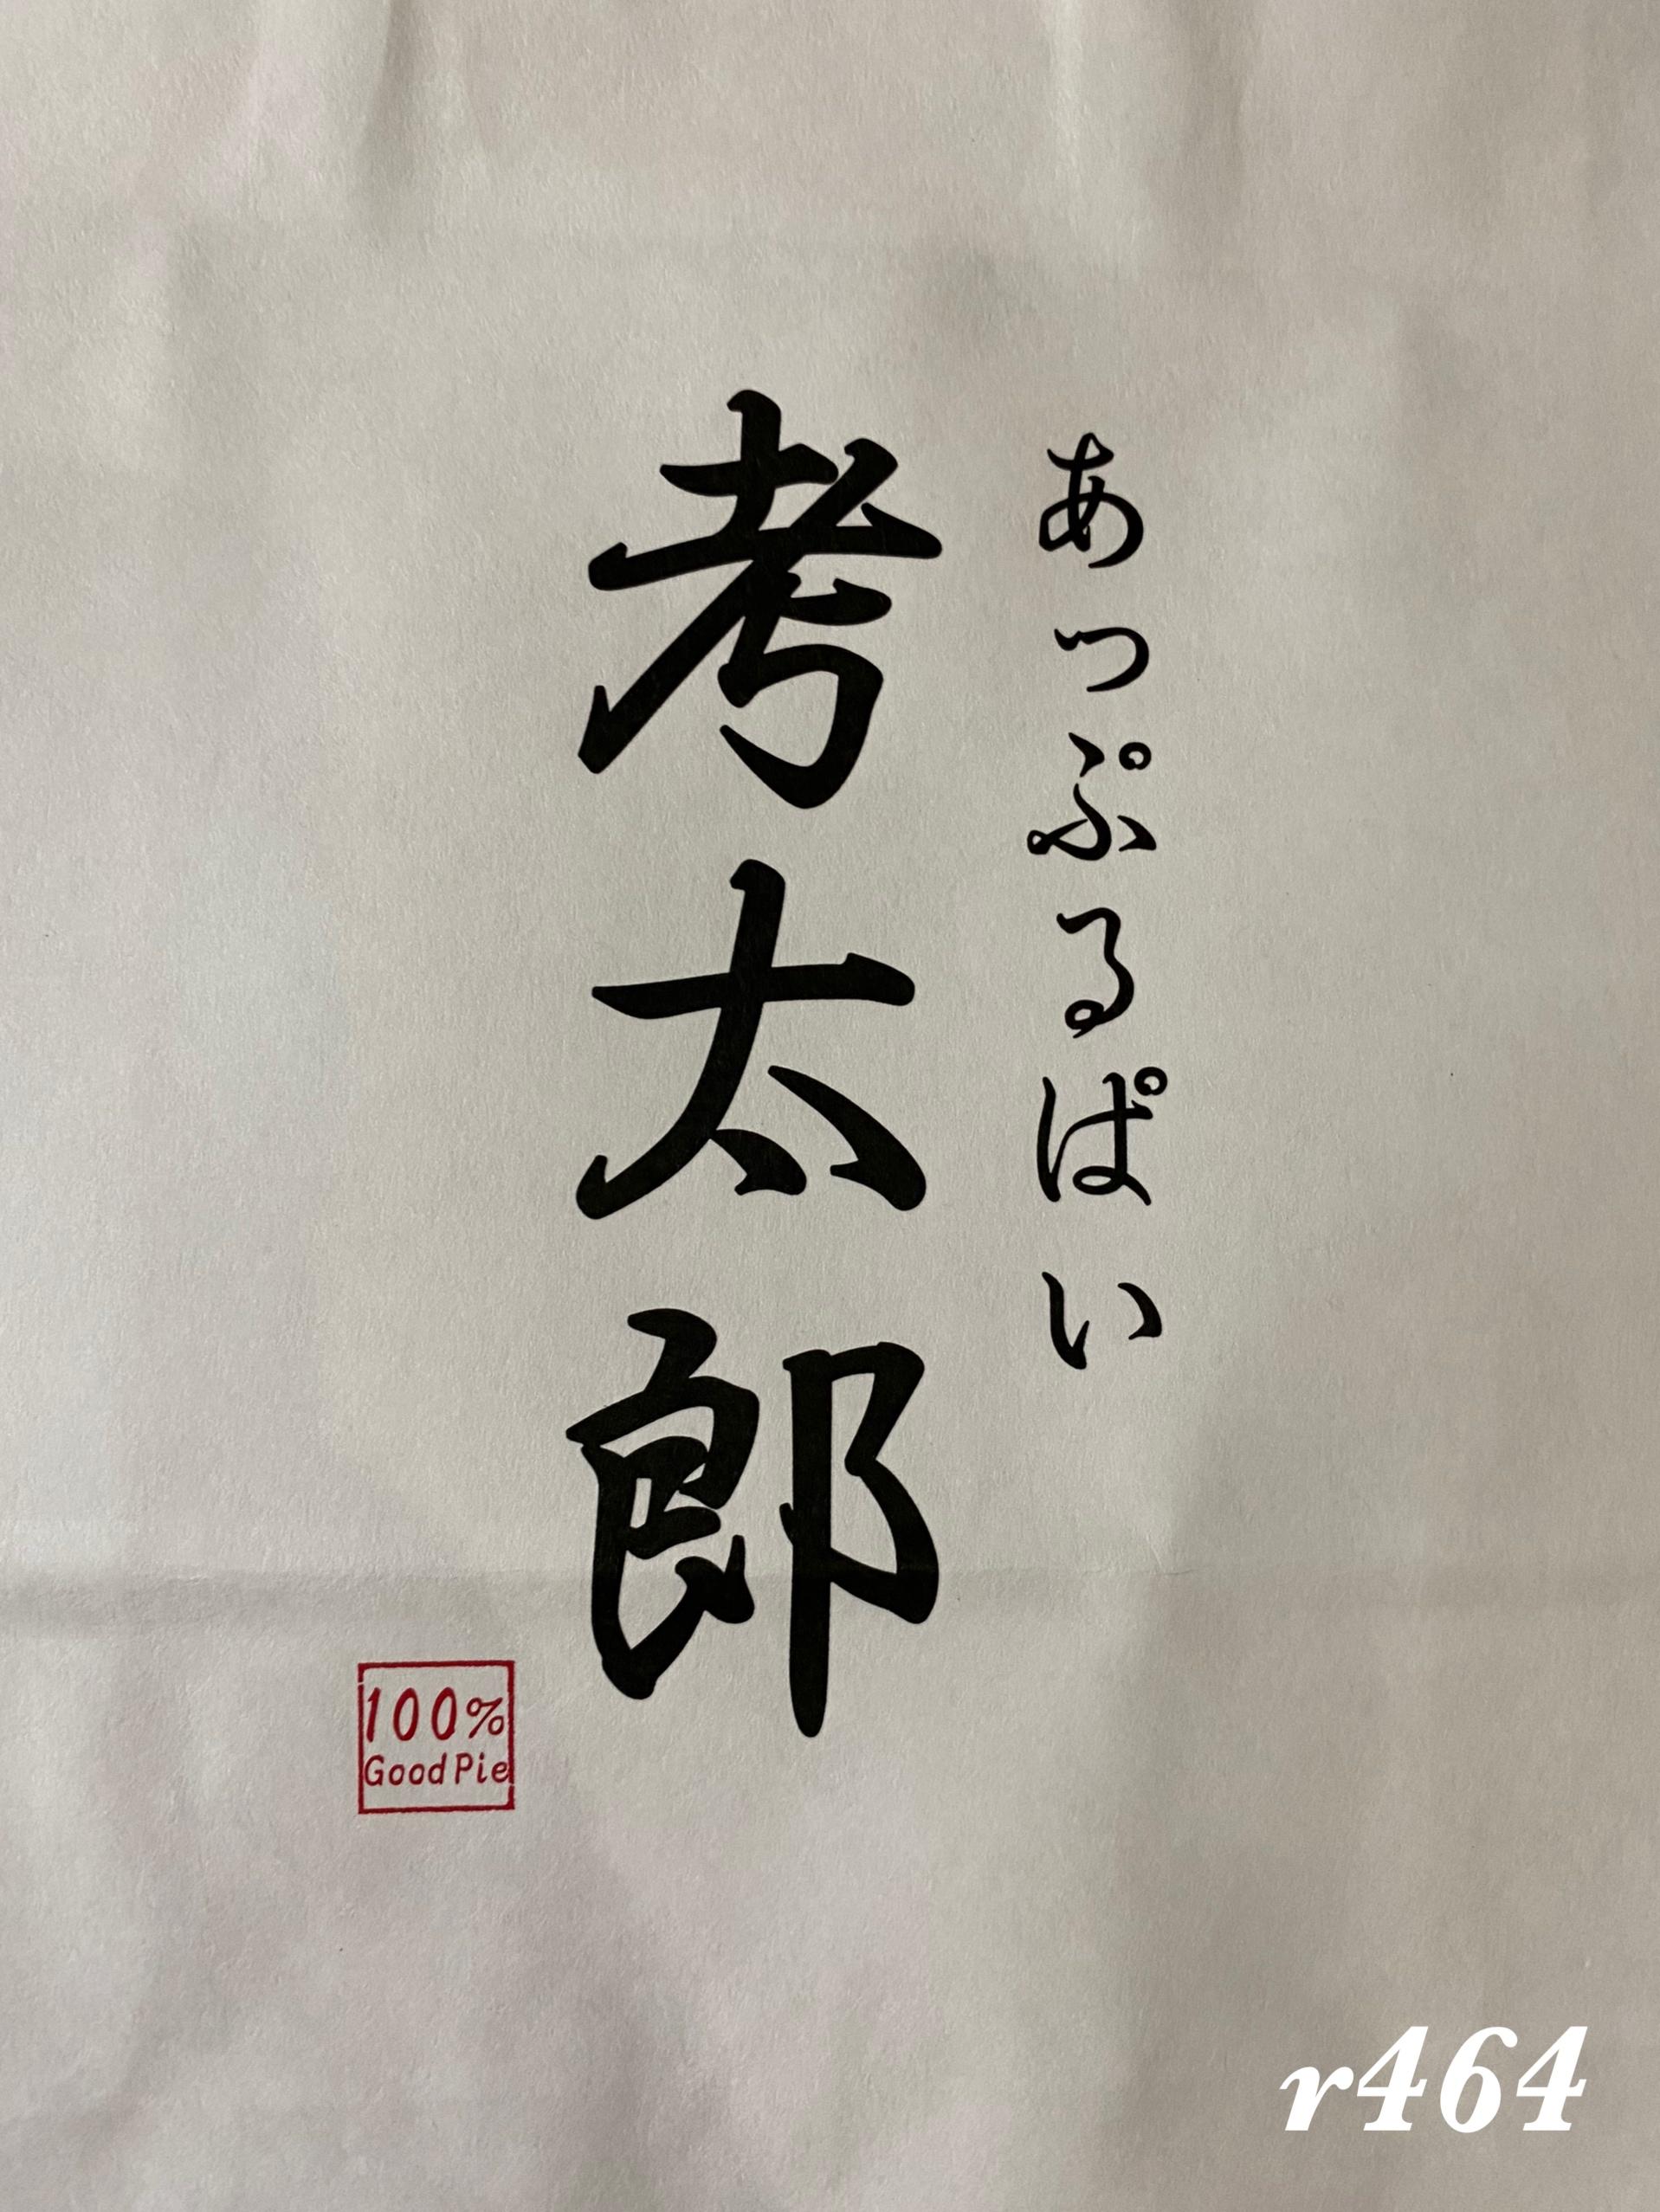 あっぷるぱい考太郎(押上)